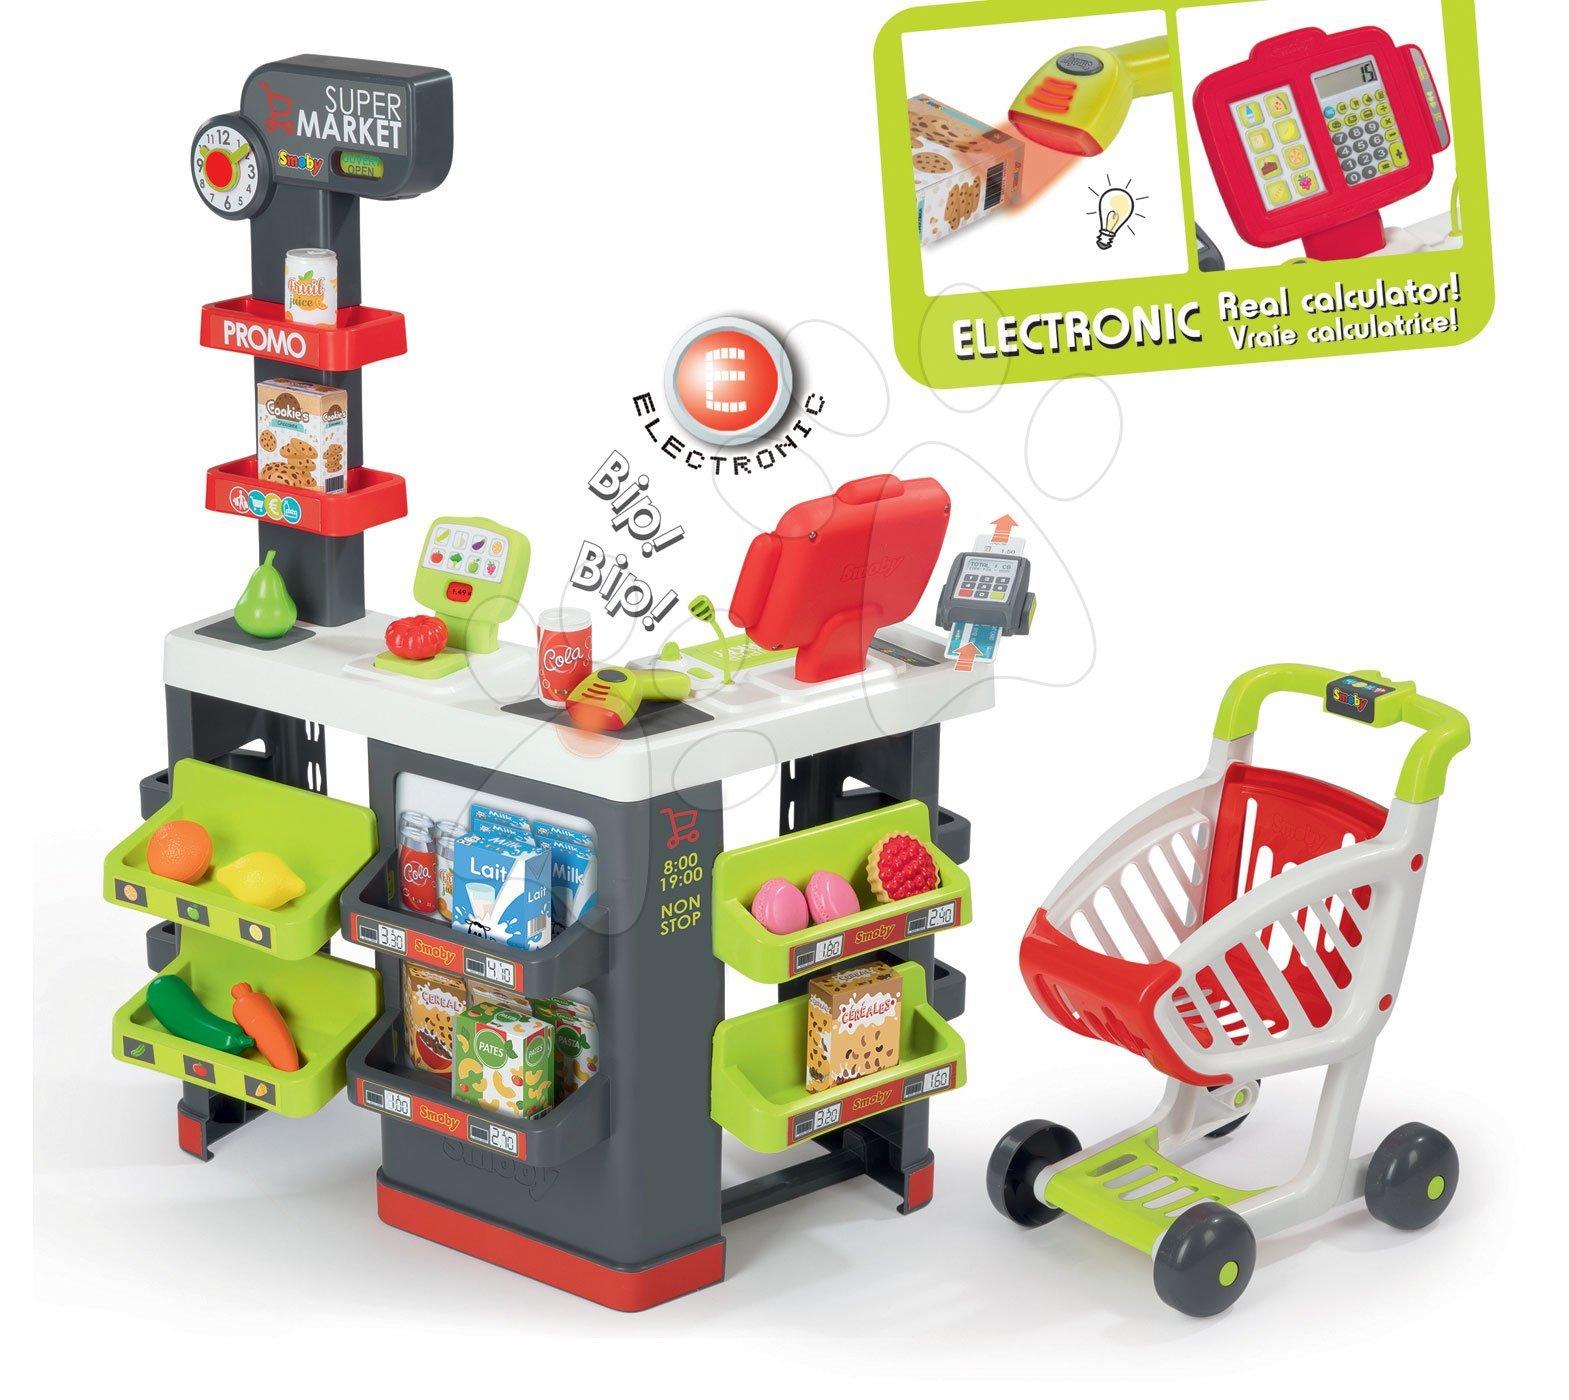 Obchody pre deti - Obchod s vozíkom Supermarket Smoby červený s elektronickou pokladňou a skenerom, váhou a 42 doplnkov